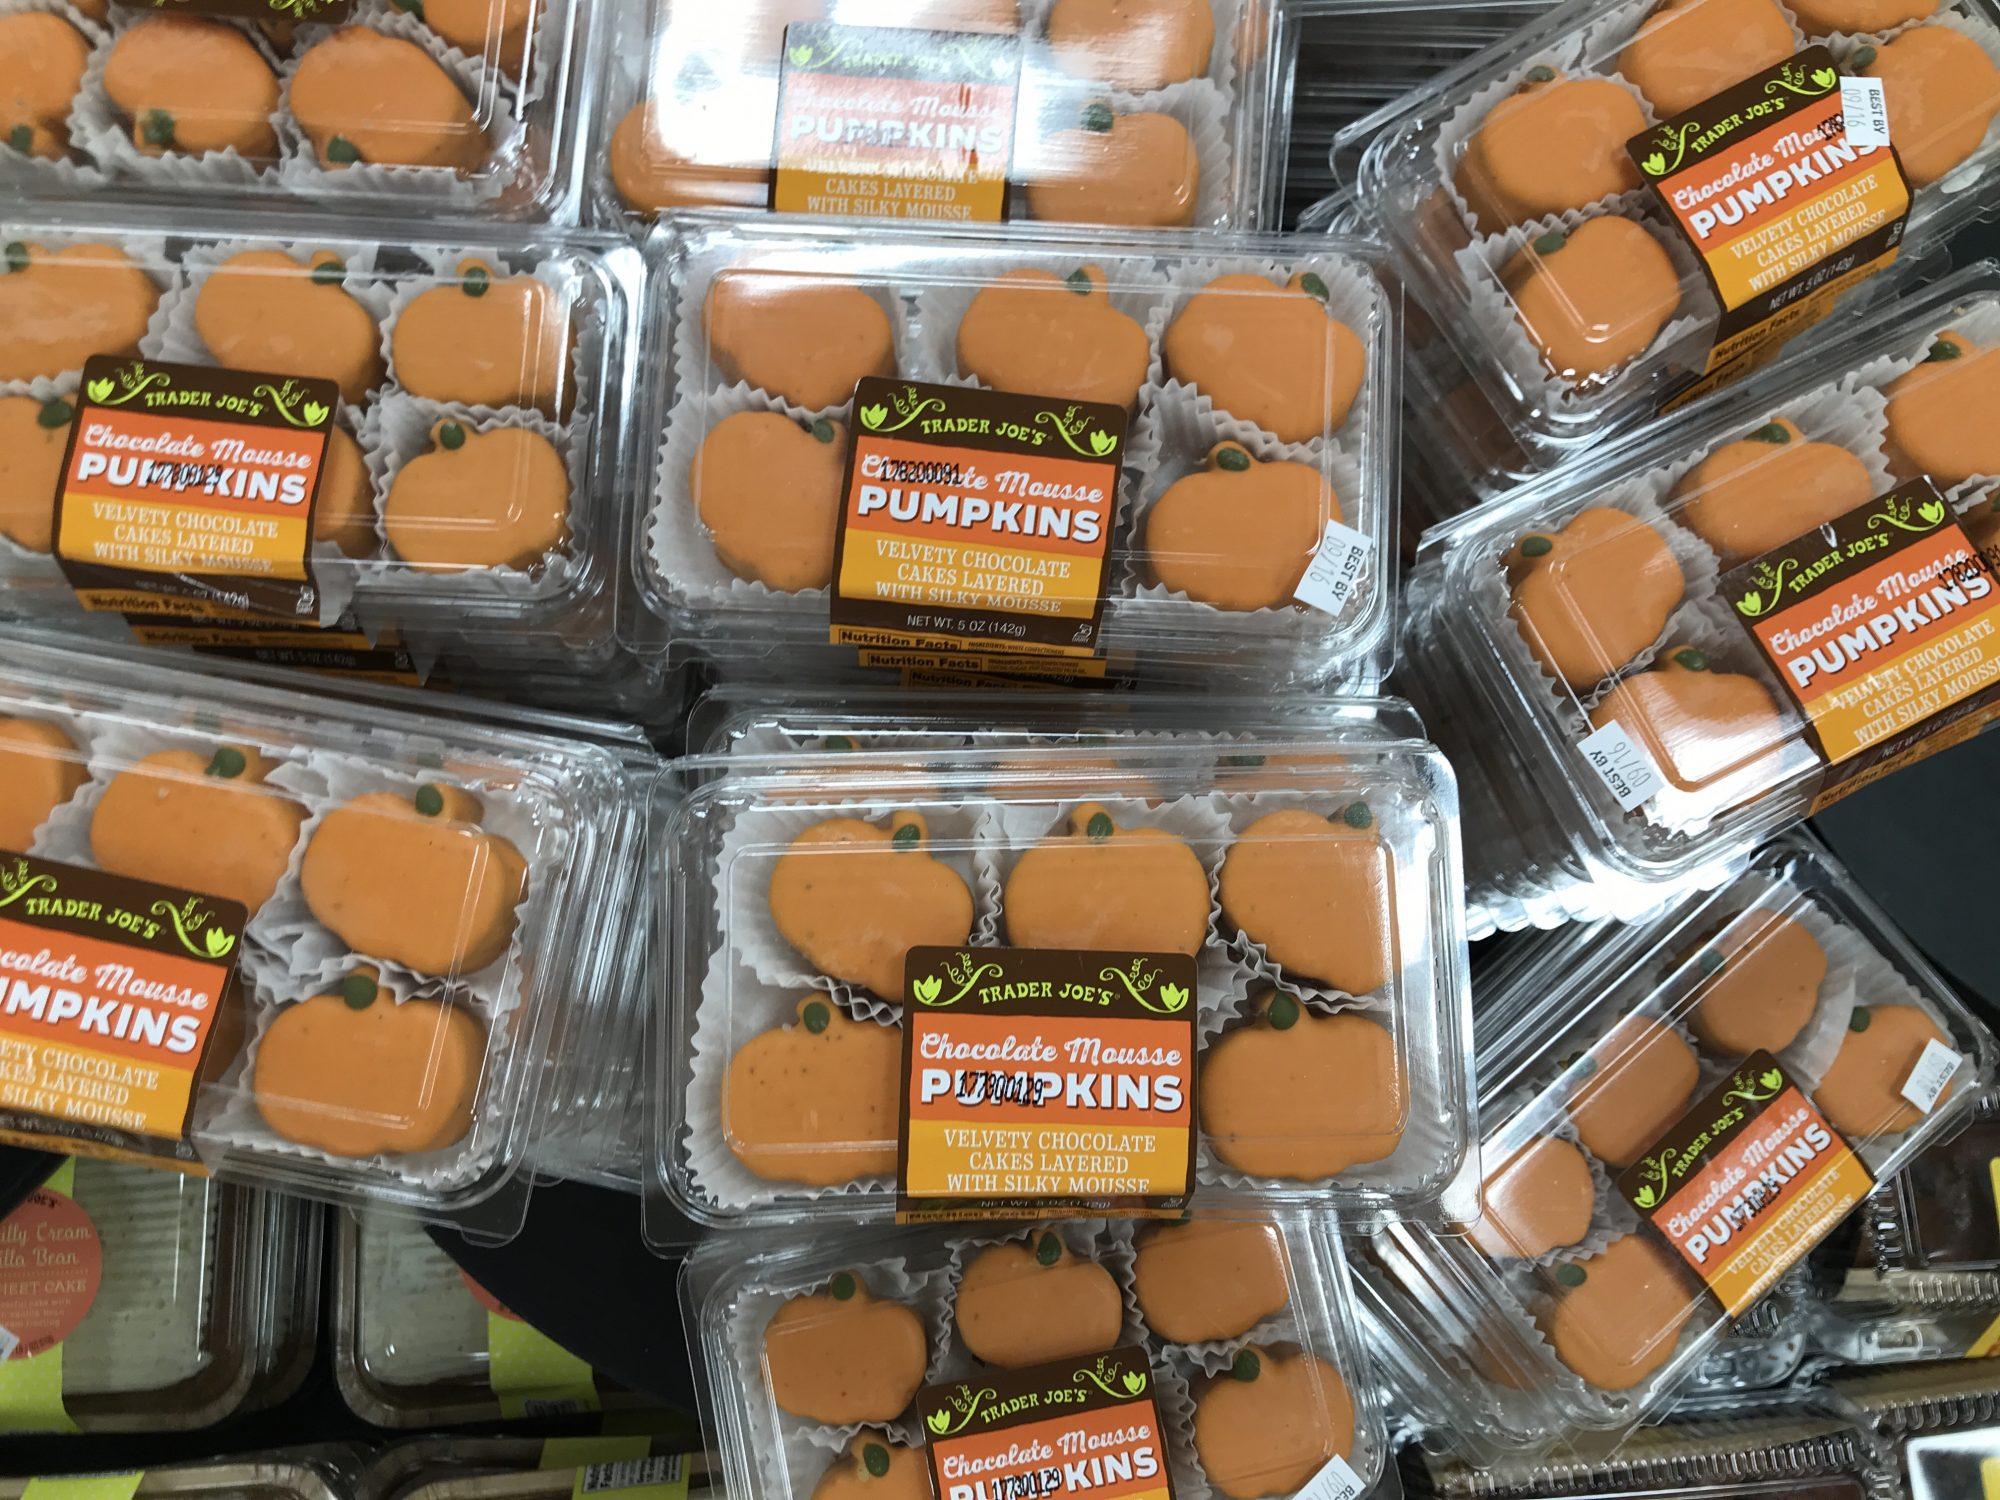 TJ's Chocolate Mouse Pumpkins